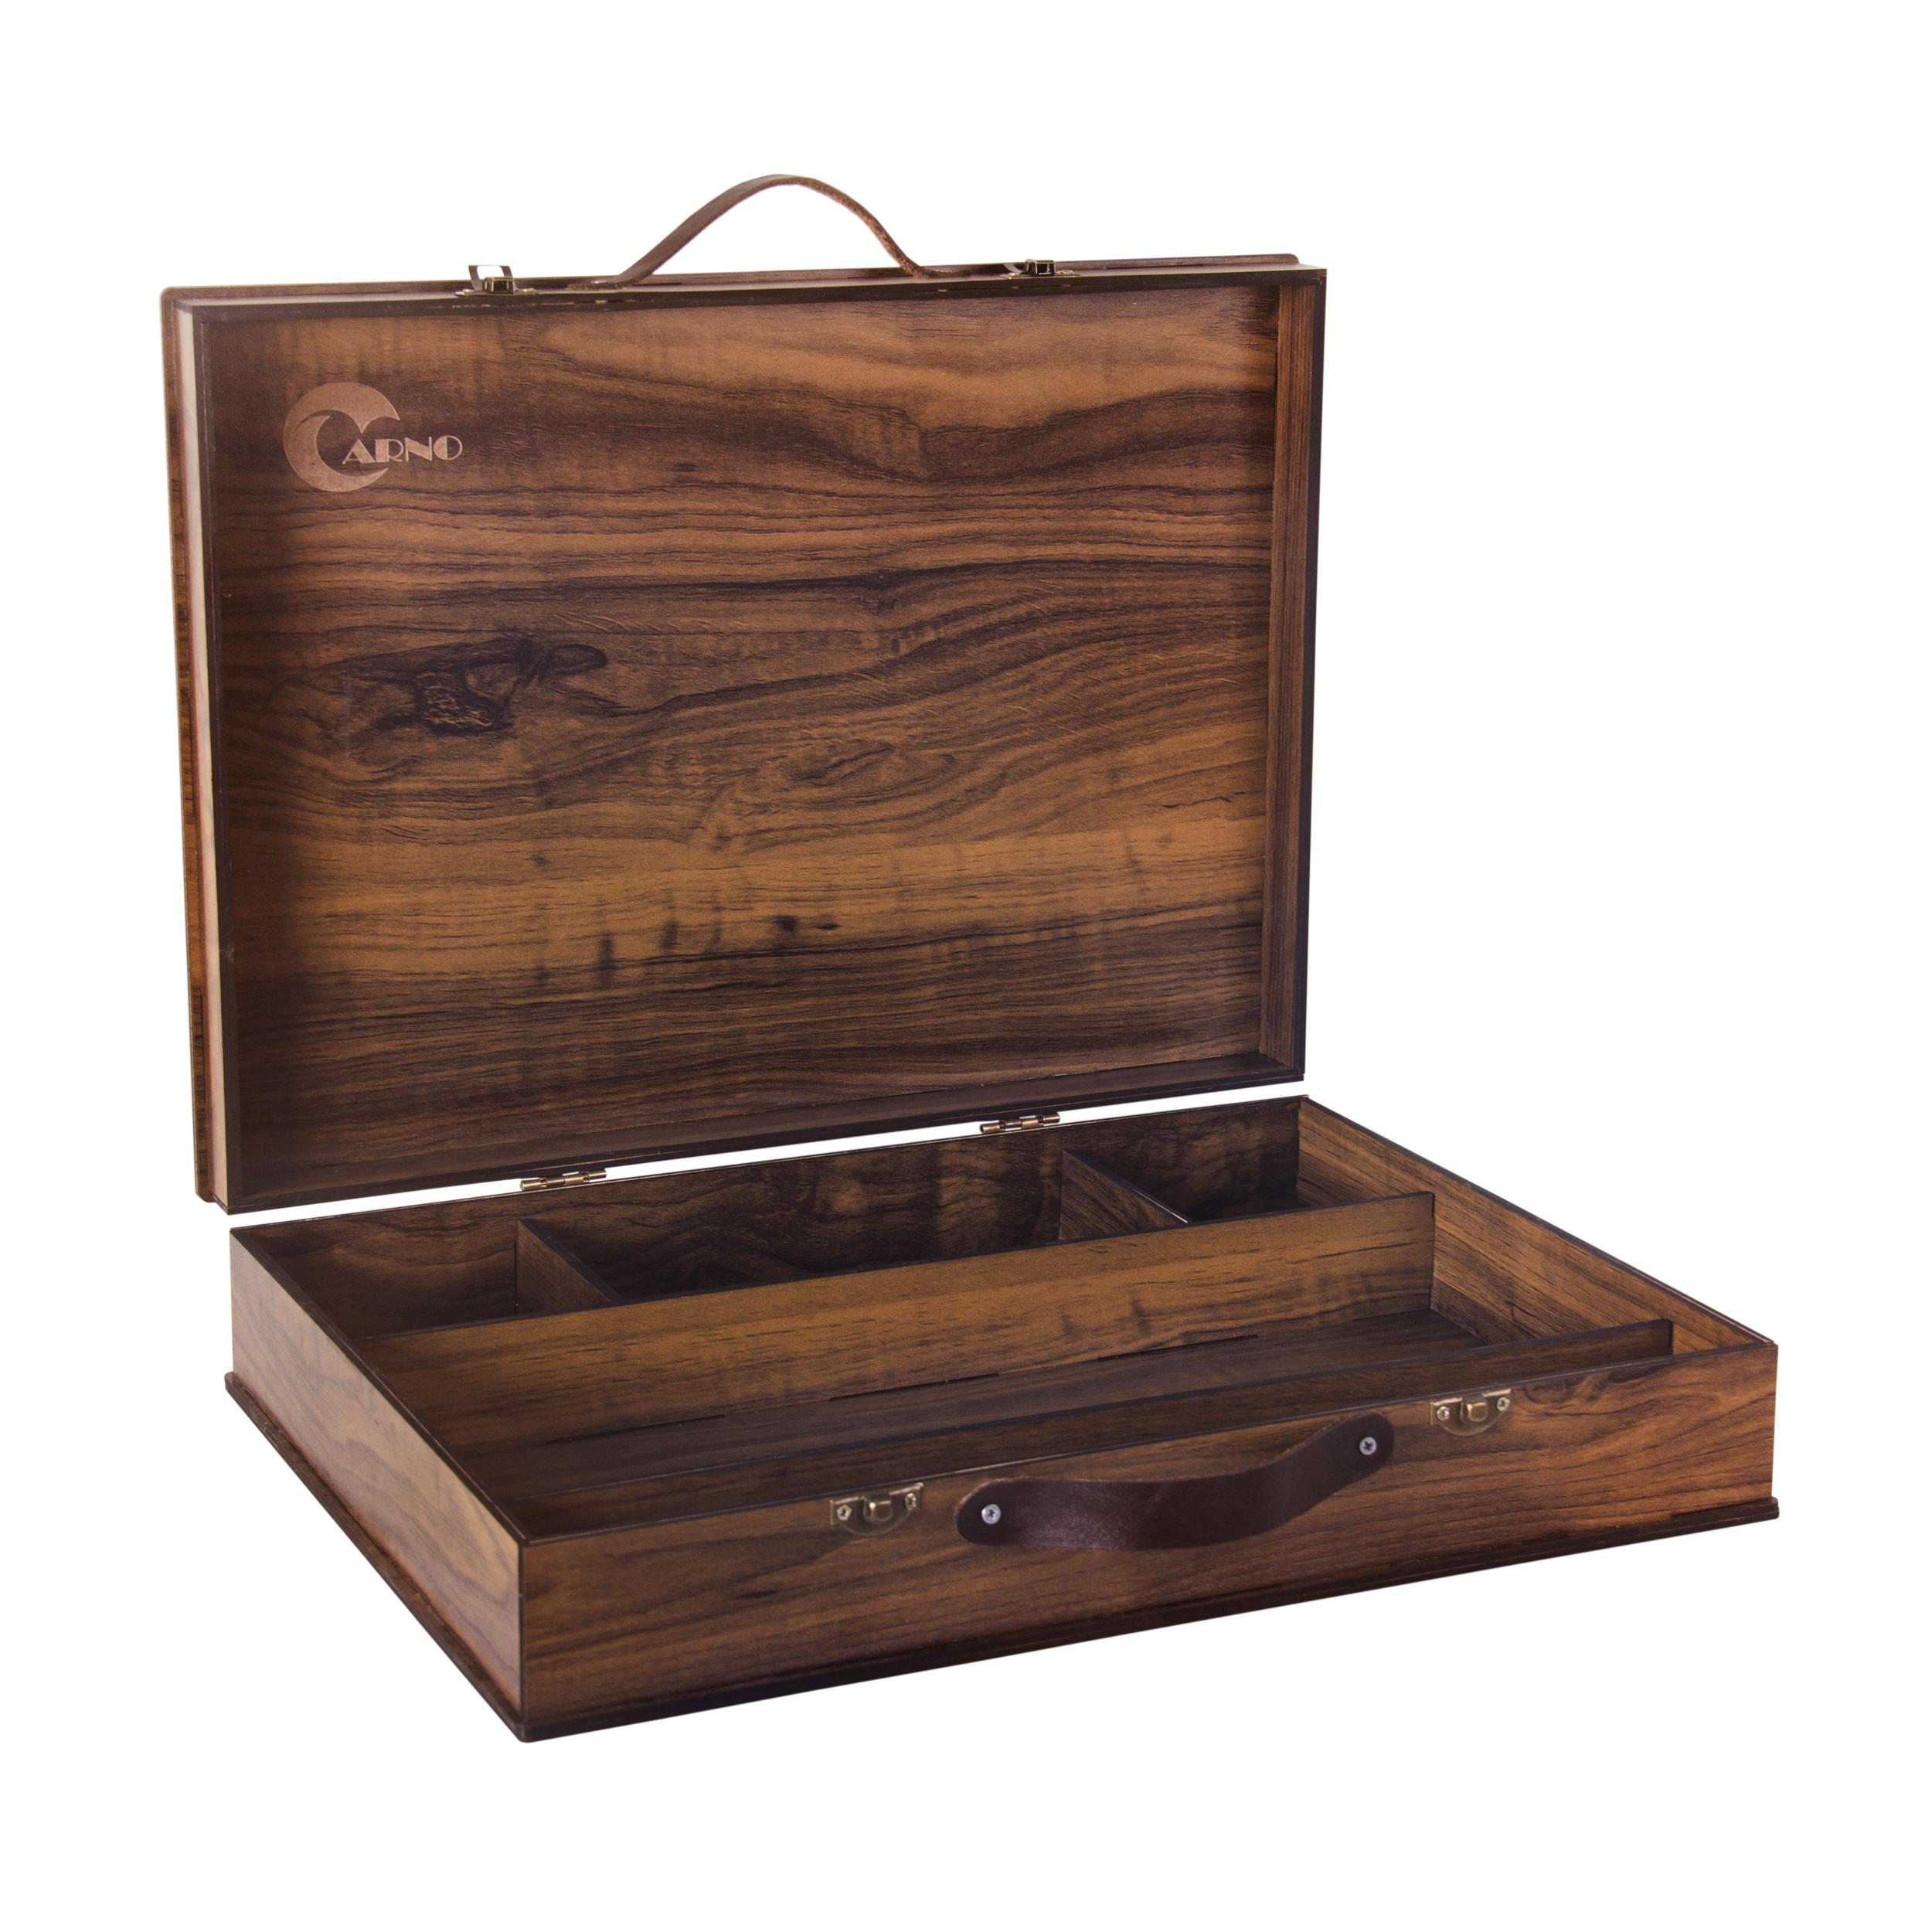 جعبه رنگ کارنو مدل CSS 002